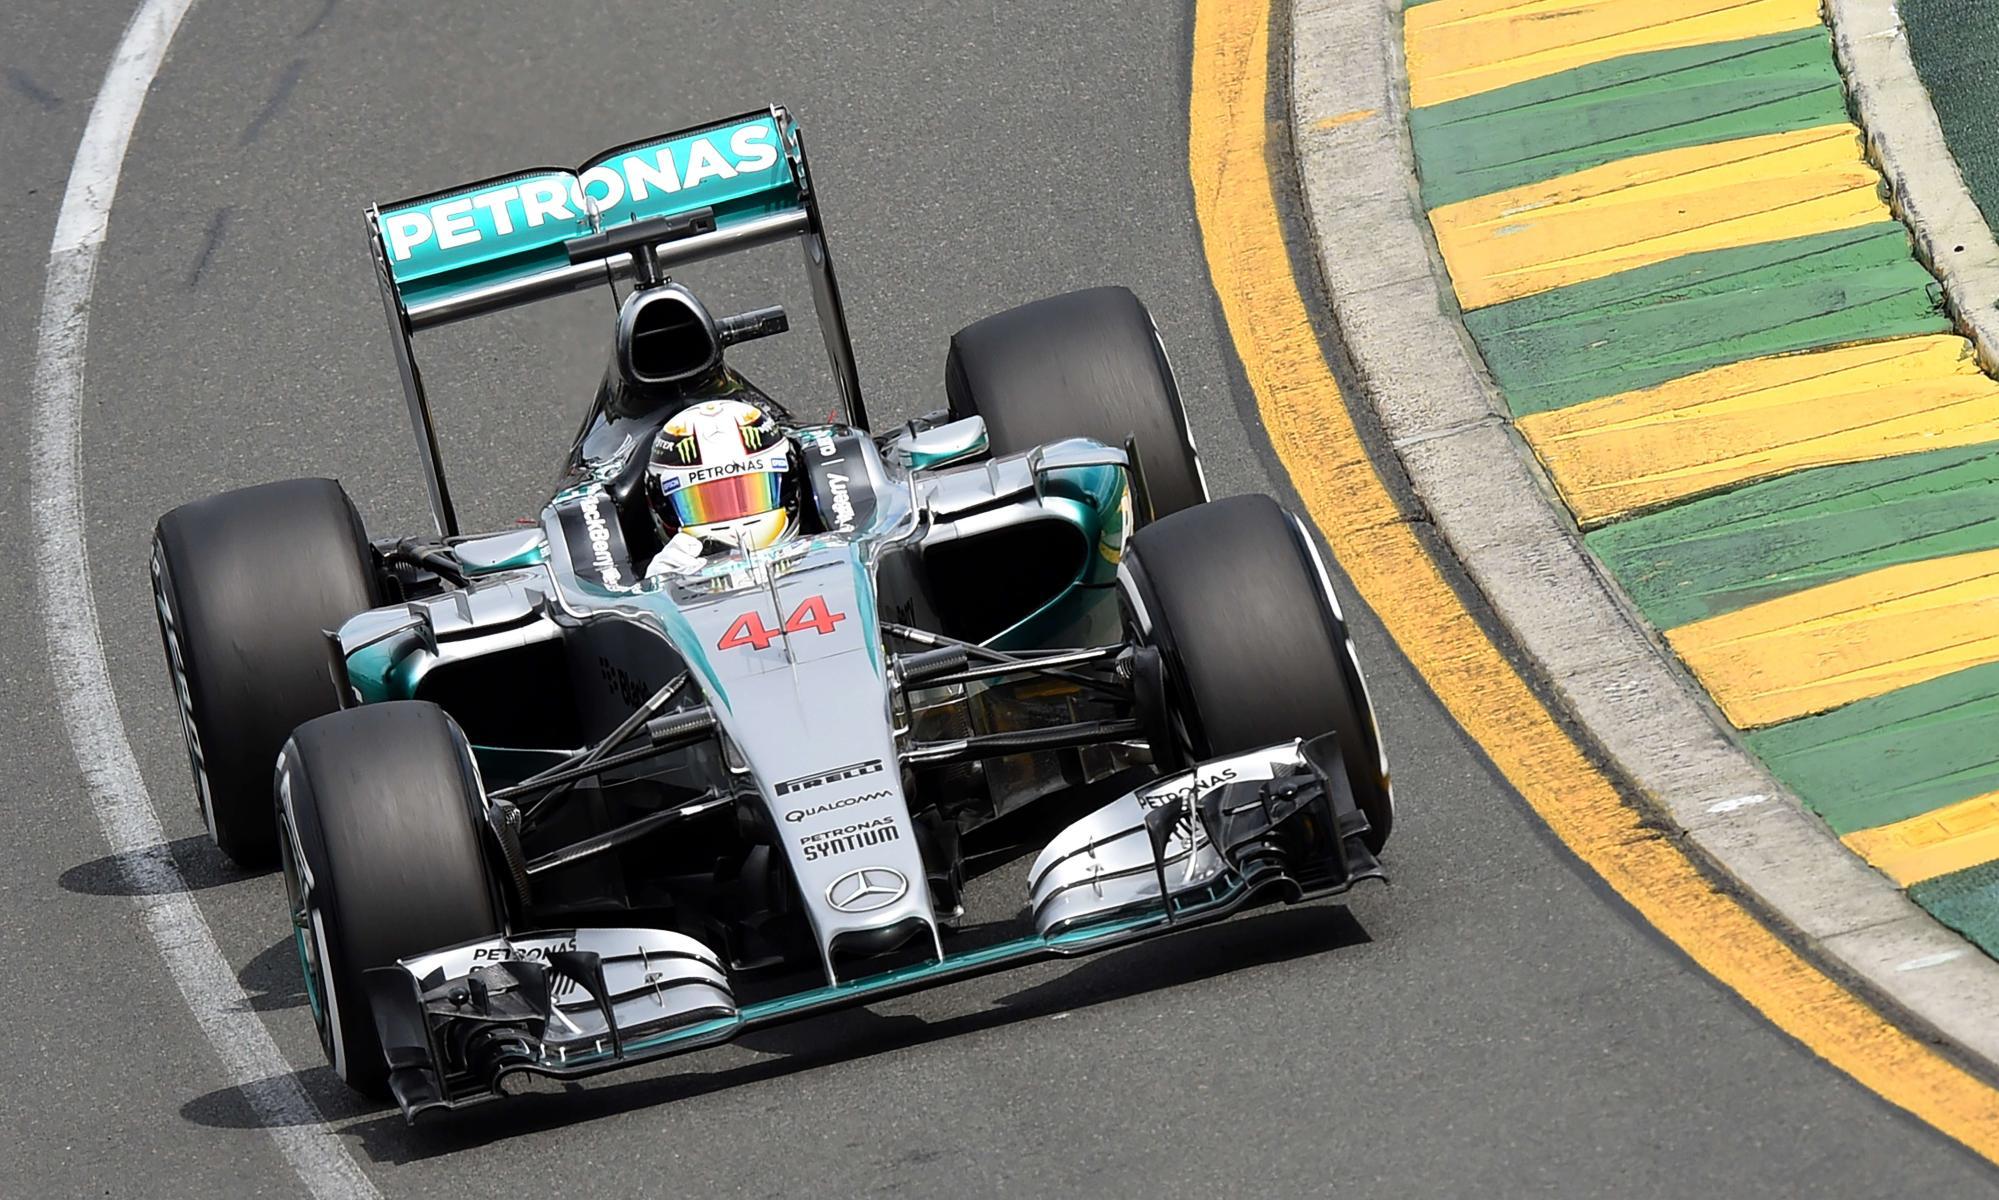 Lewis Hamilton dominates to take pole position at Australian Grand Prix